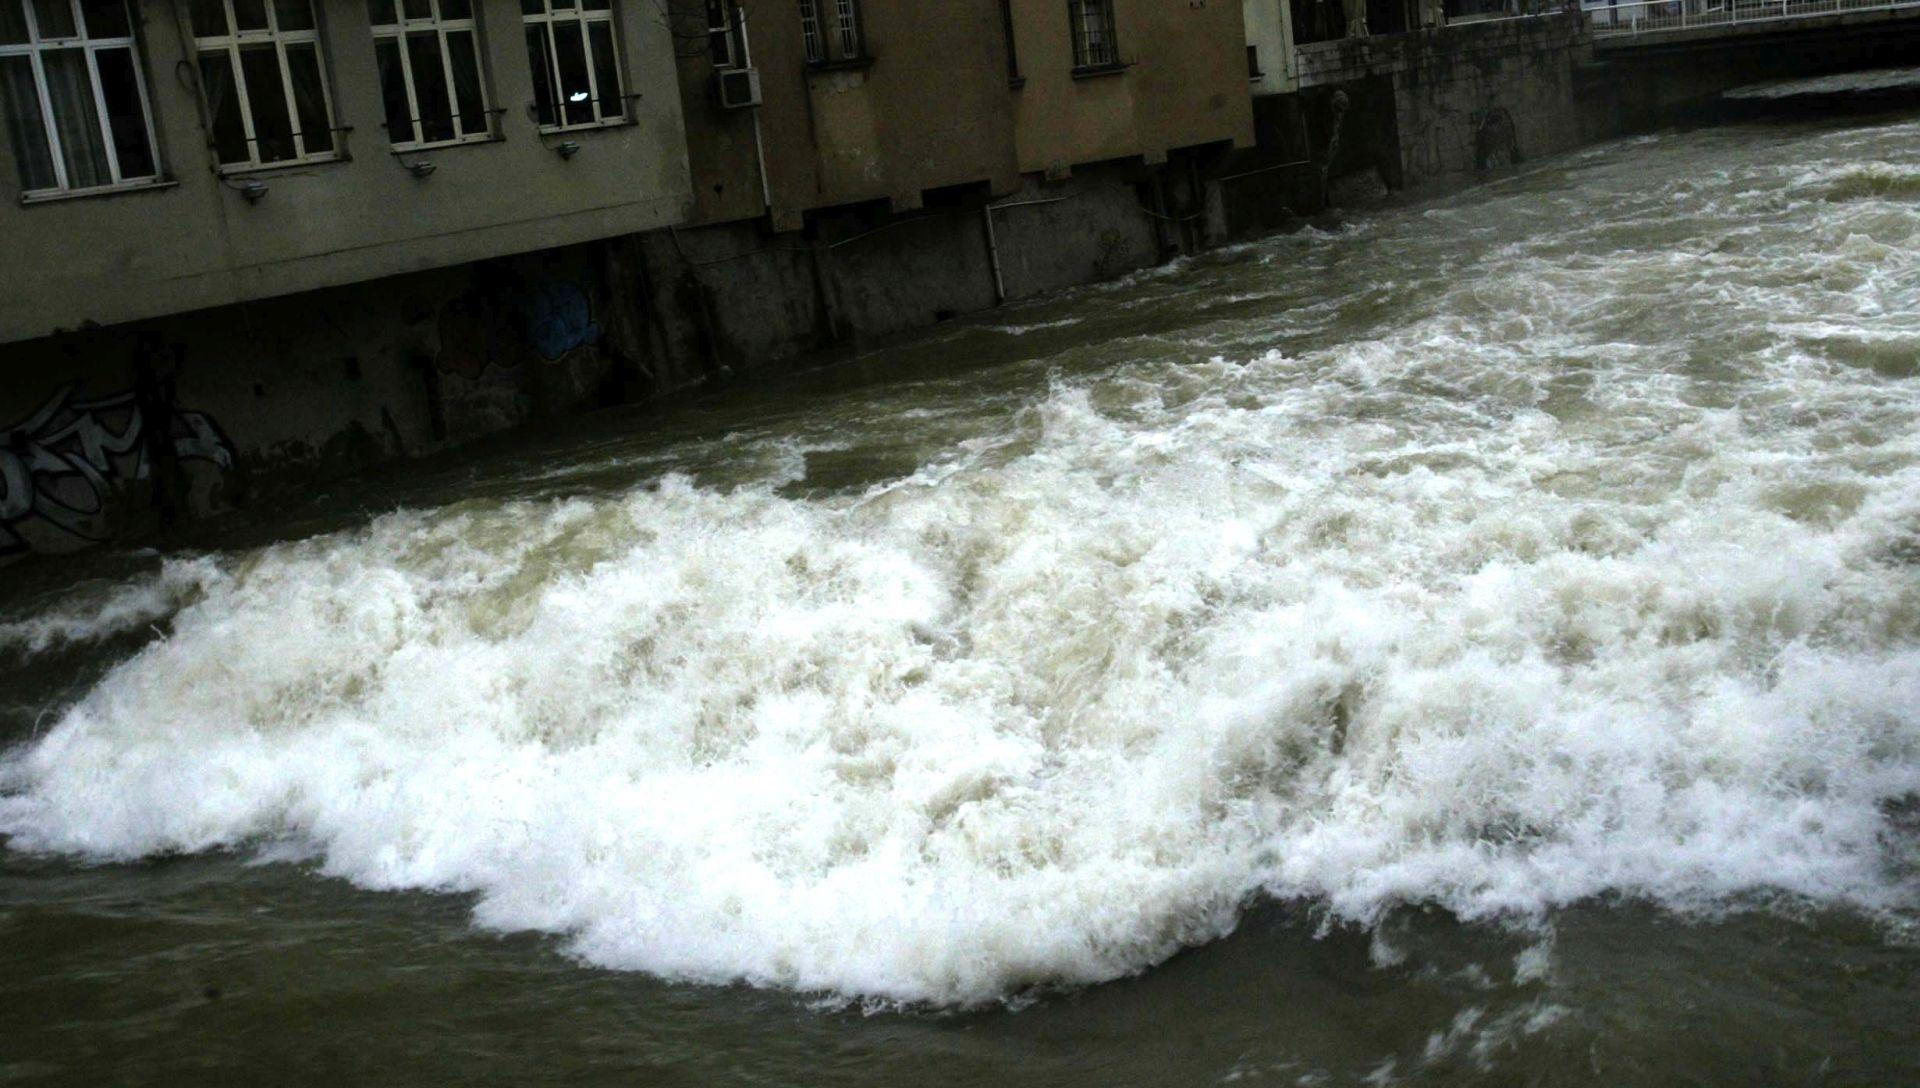 RIJEKA Voda zamućena zbog velikih kiša, preporuča se preventivno prokuhavanje